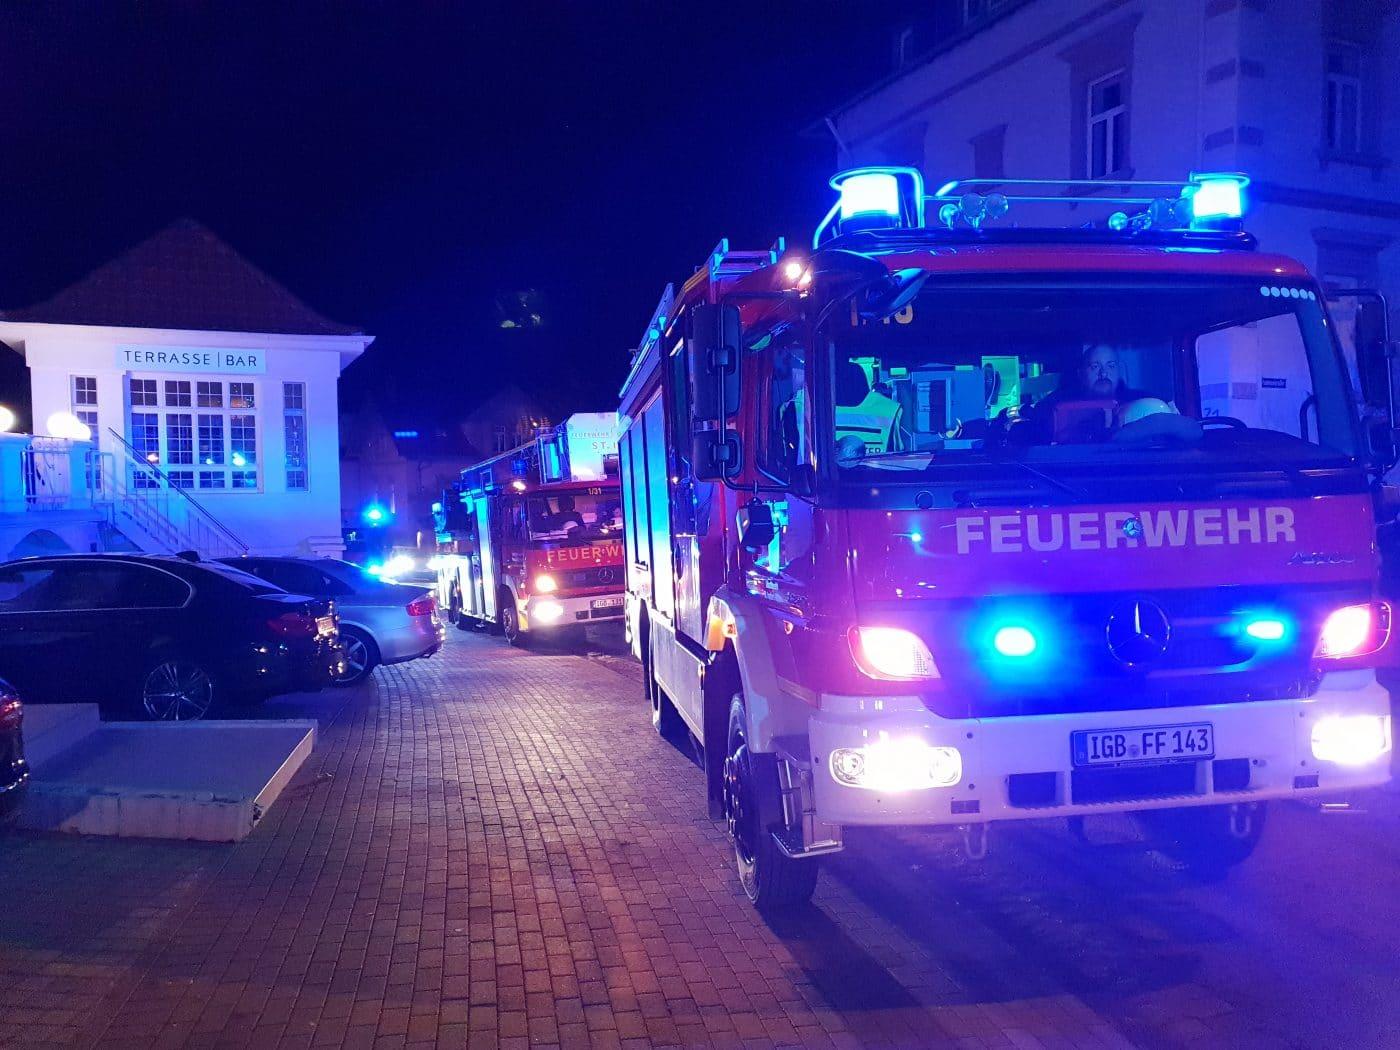 Frau baut ausgelösten Rauchmelder in Hotel ab, weil das Piepen störte